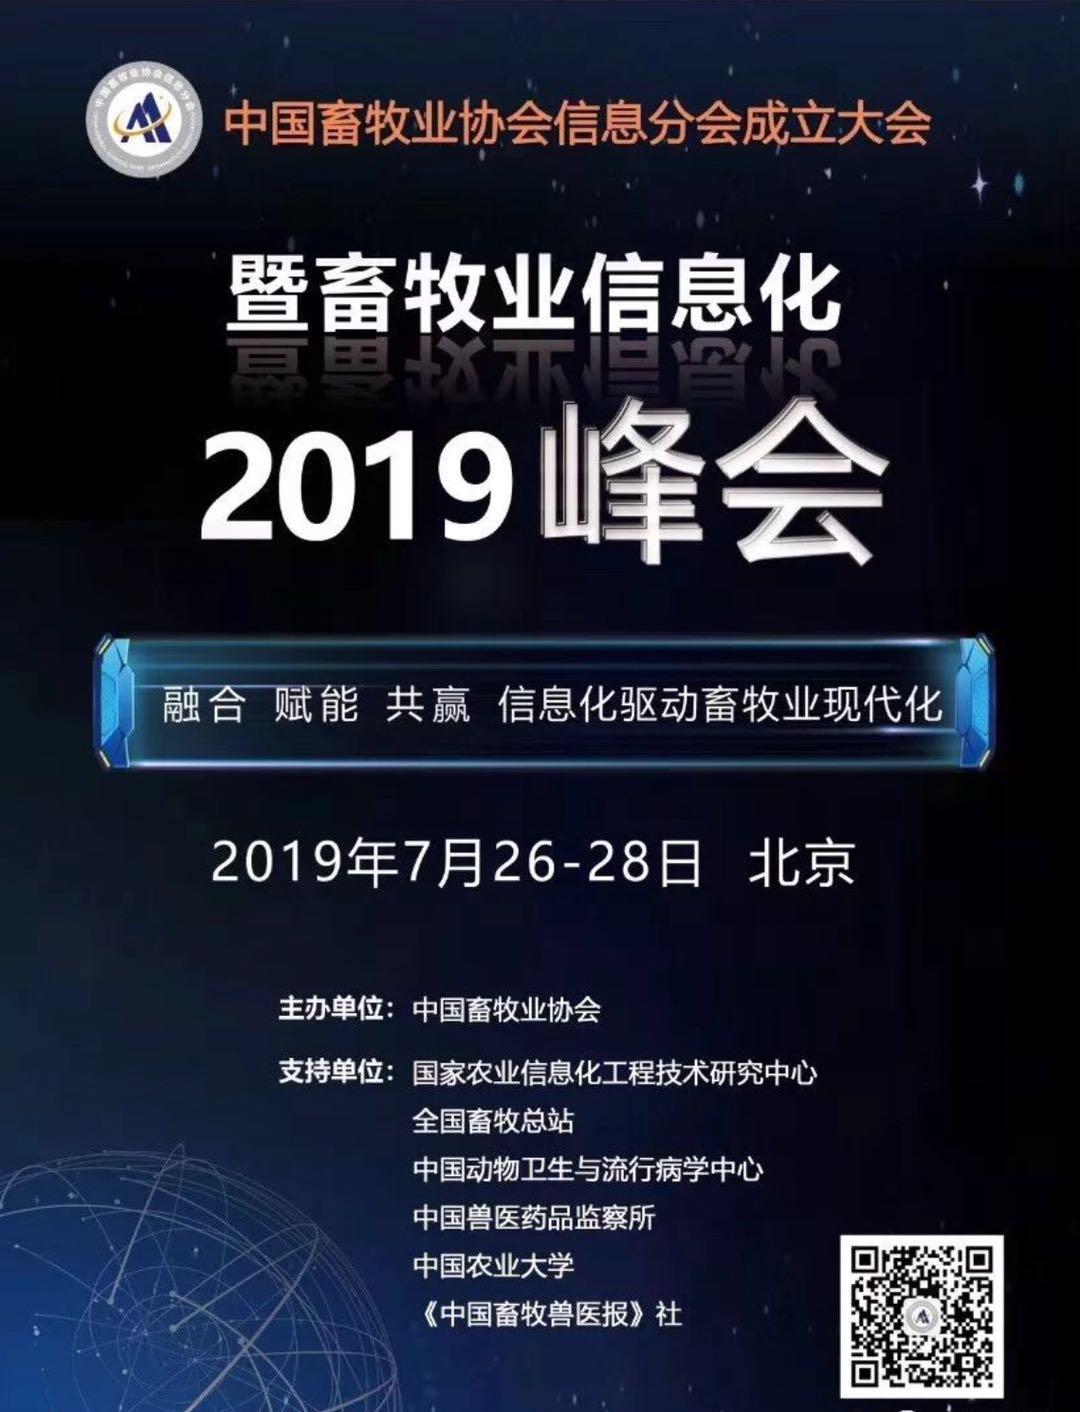 中国畜牧业协会信息分会,聚焦畜牧信息化 !在火热的七月期待您一起来见证